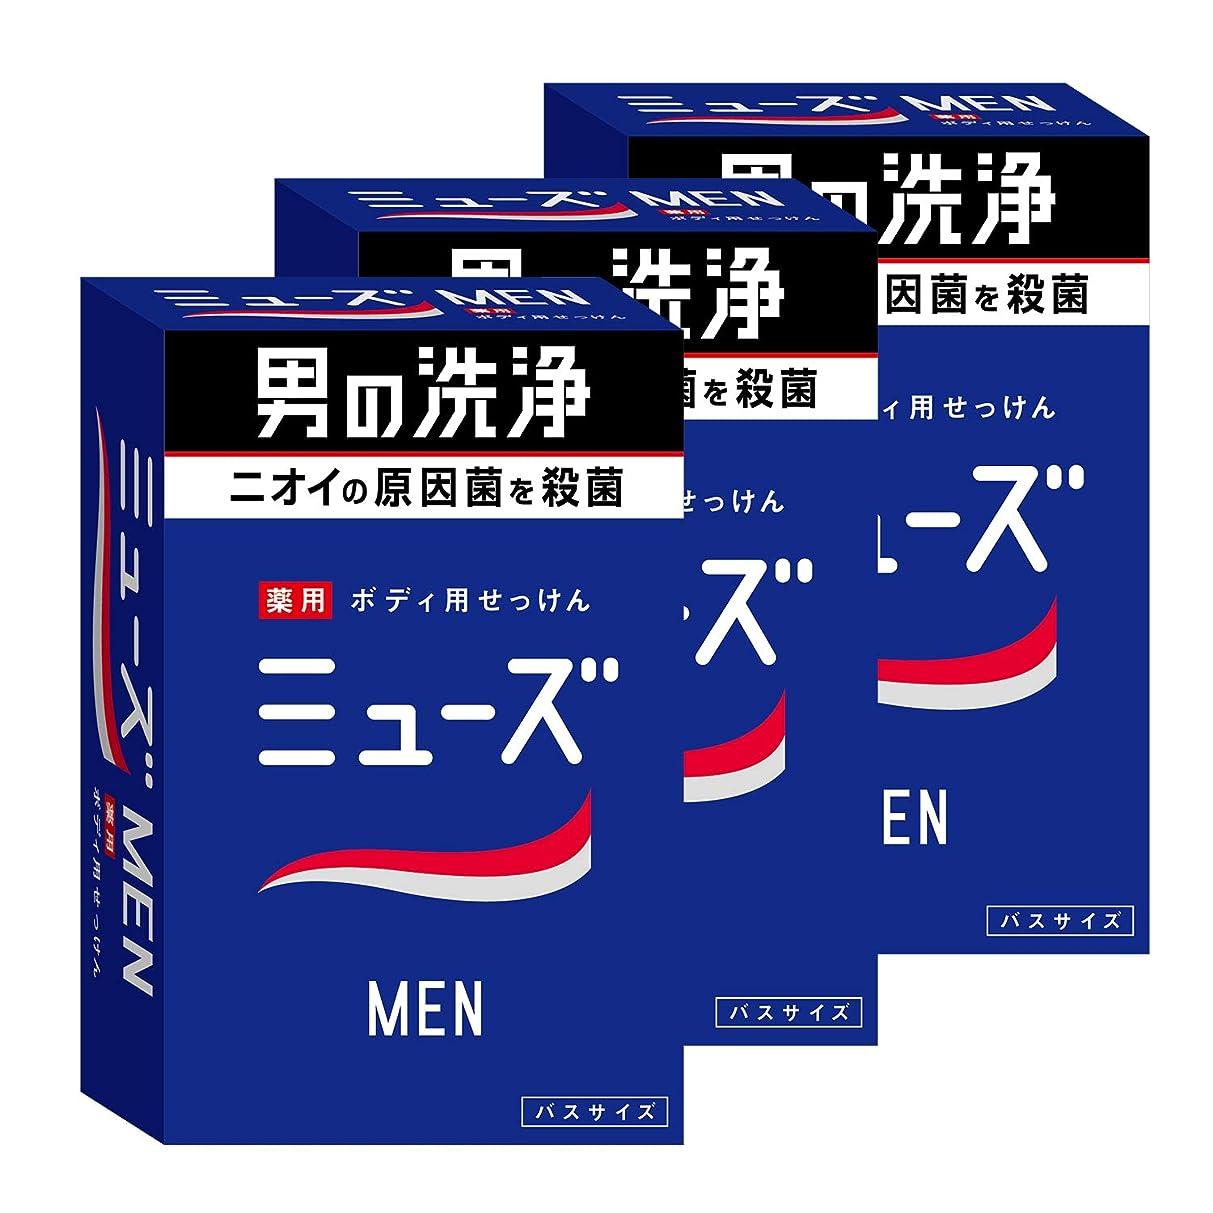 キルス積分スピン【医薬部外品】ミューズメン ボディ用 石鹸 135g ×3個 消臭